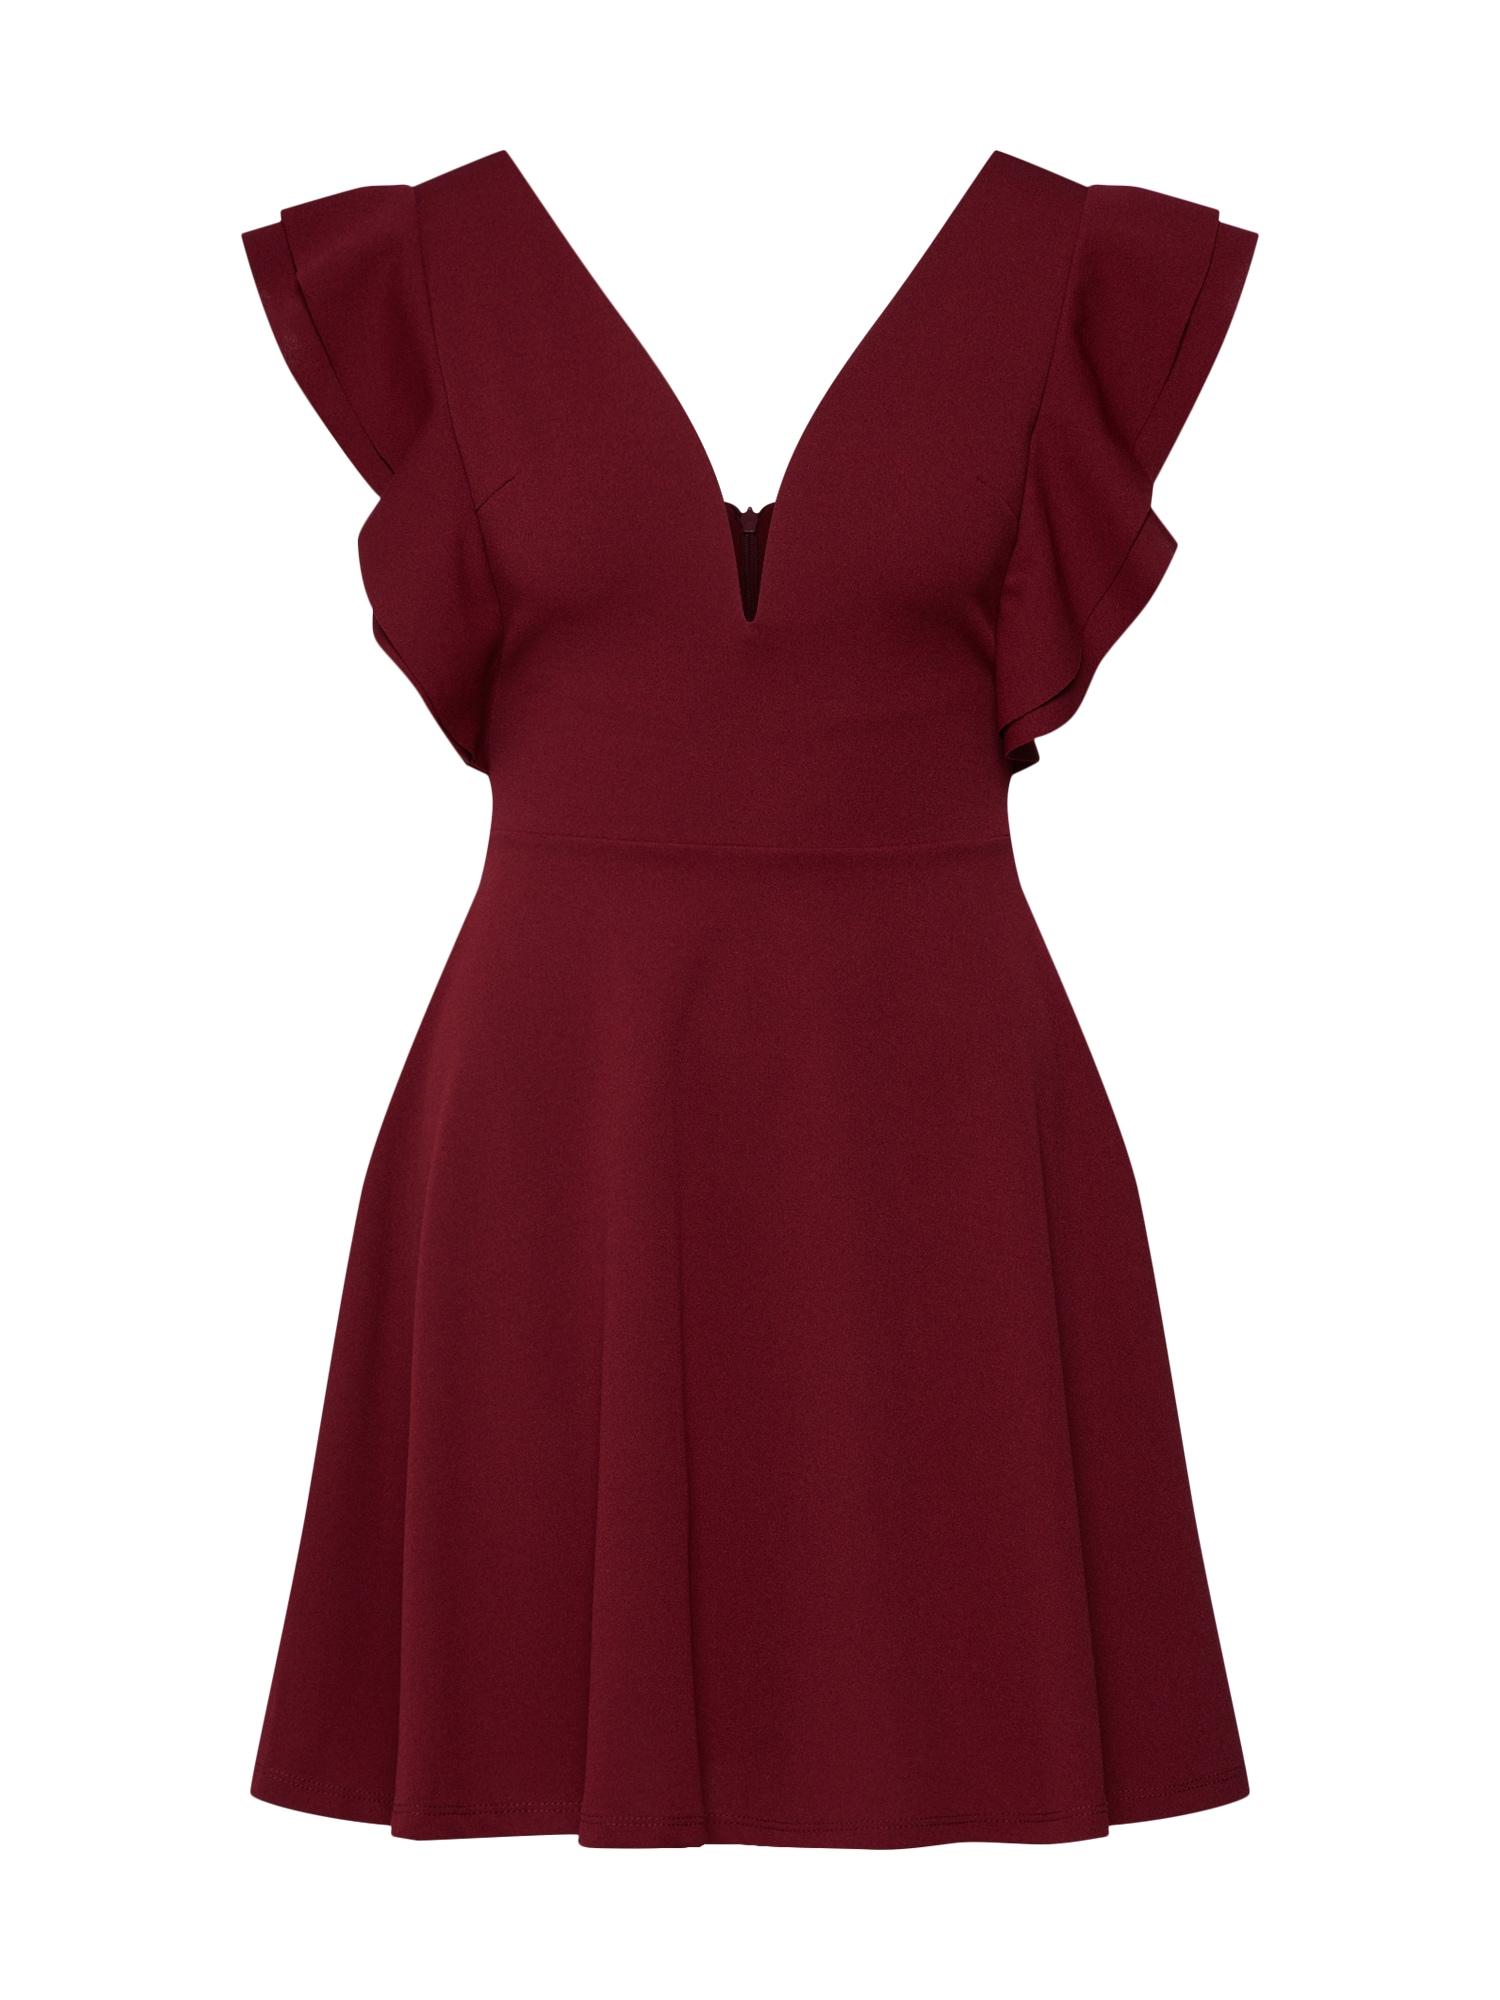 WAL G. Suknelė vyno raudona spalva